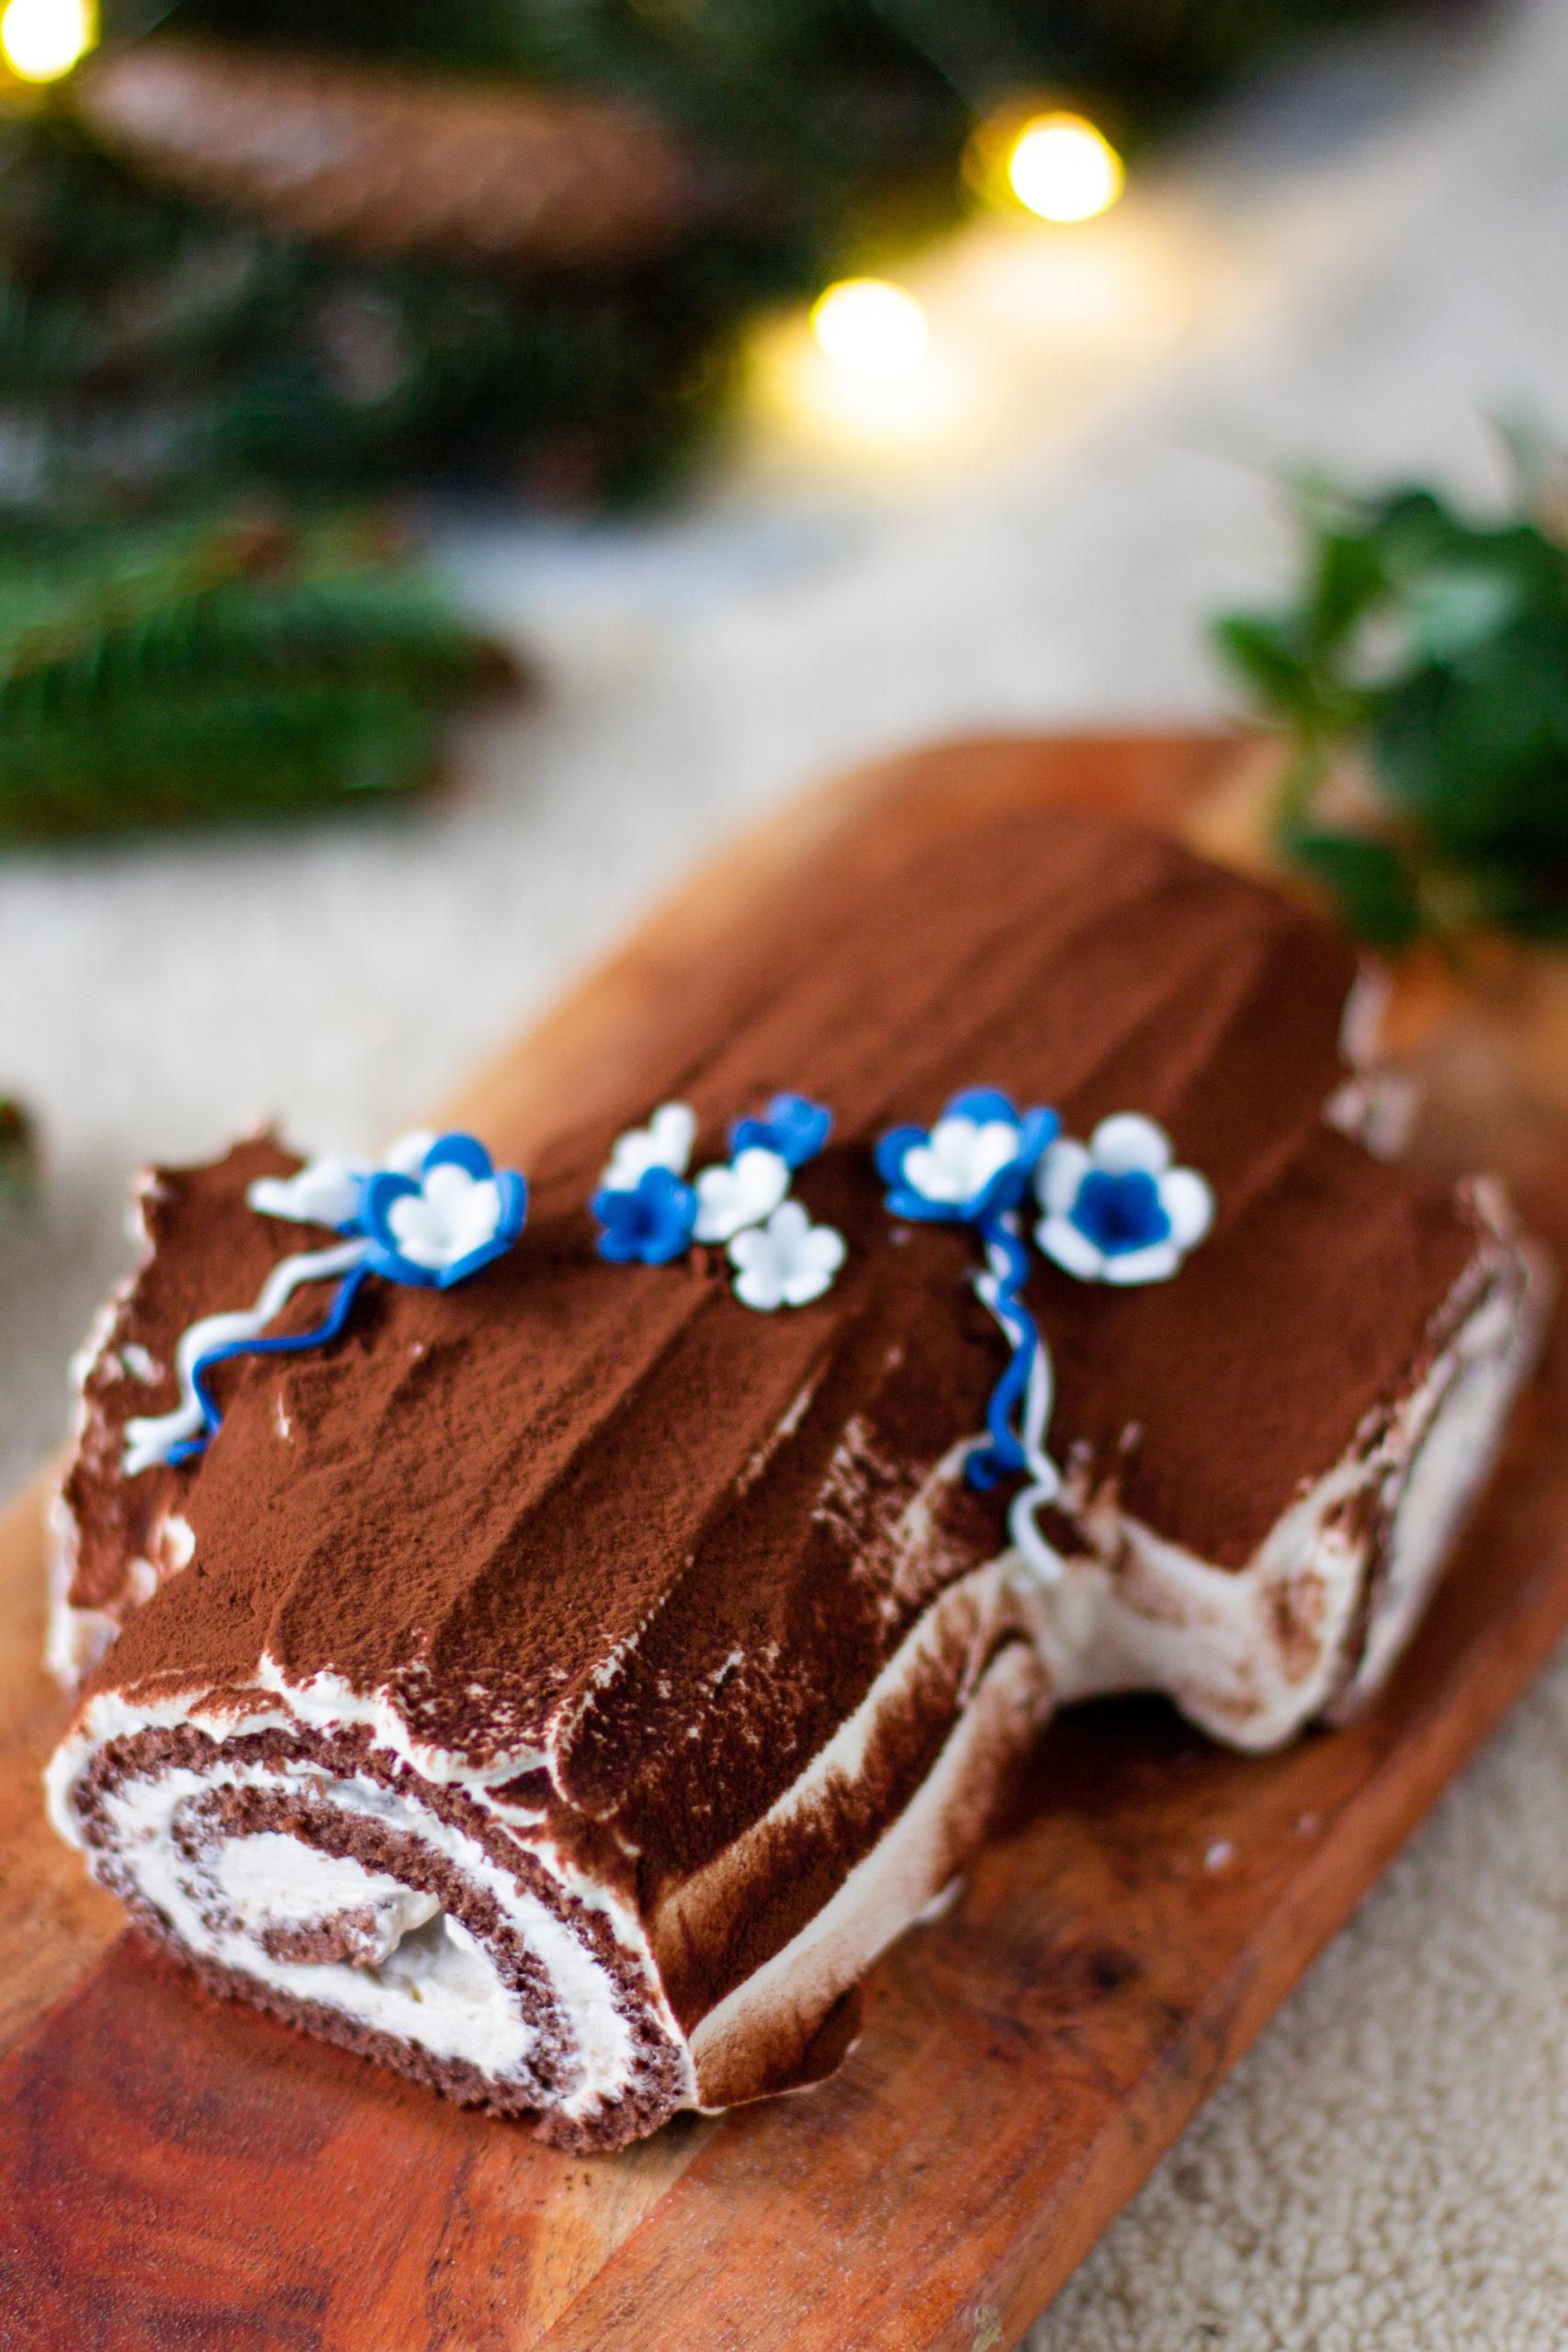 Jouluhalko itsenäisyyspäiväkoristein sinivalkoisilla kukilla.